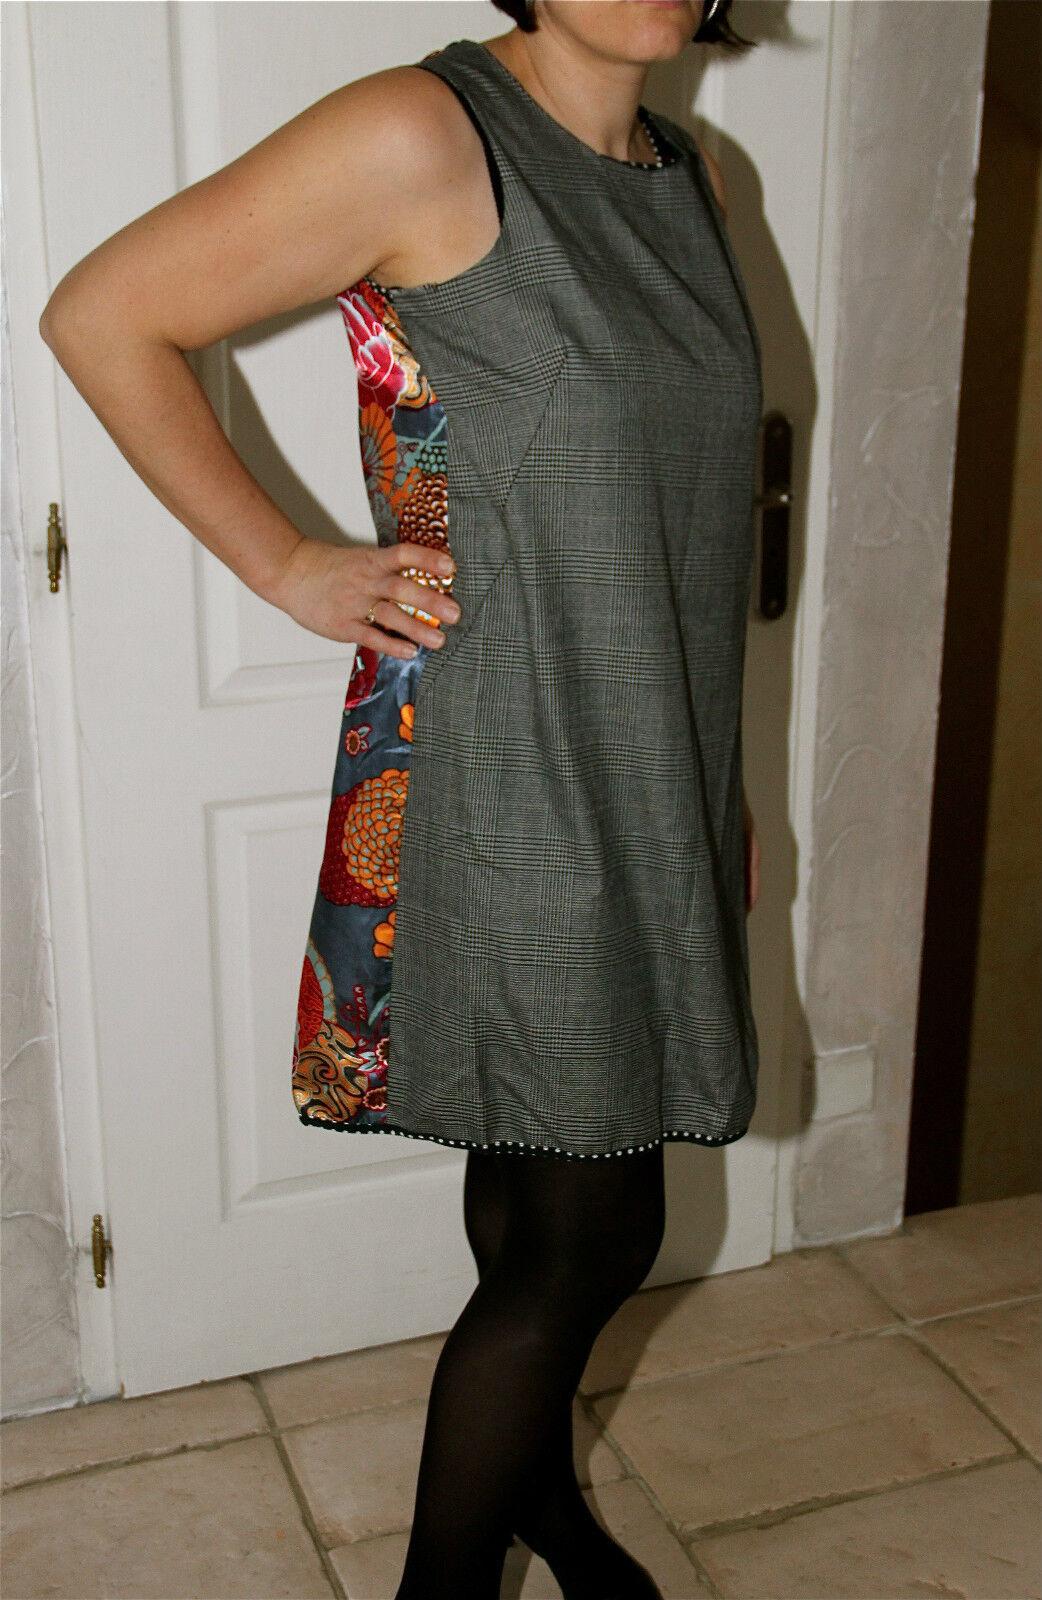 Exceptionnelle robe portefeuille soie coton à fleurs ZOÉ LA FÉE Größe L 40-42